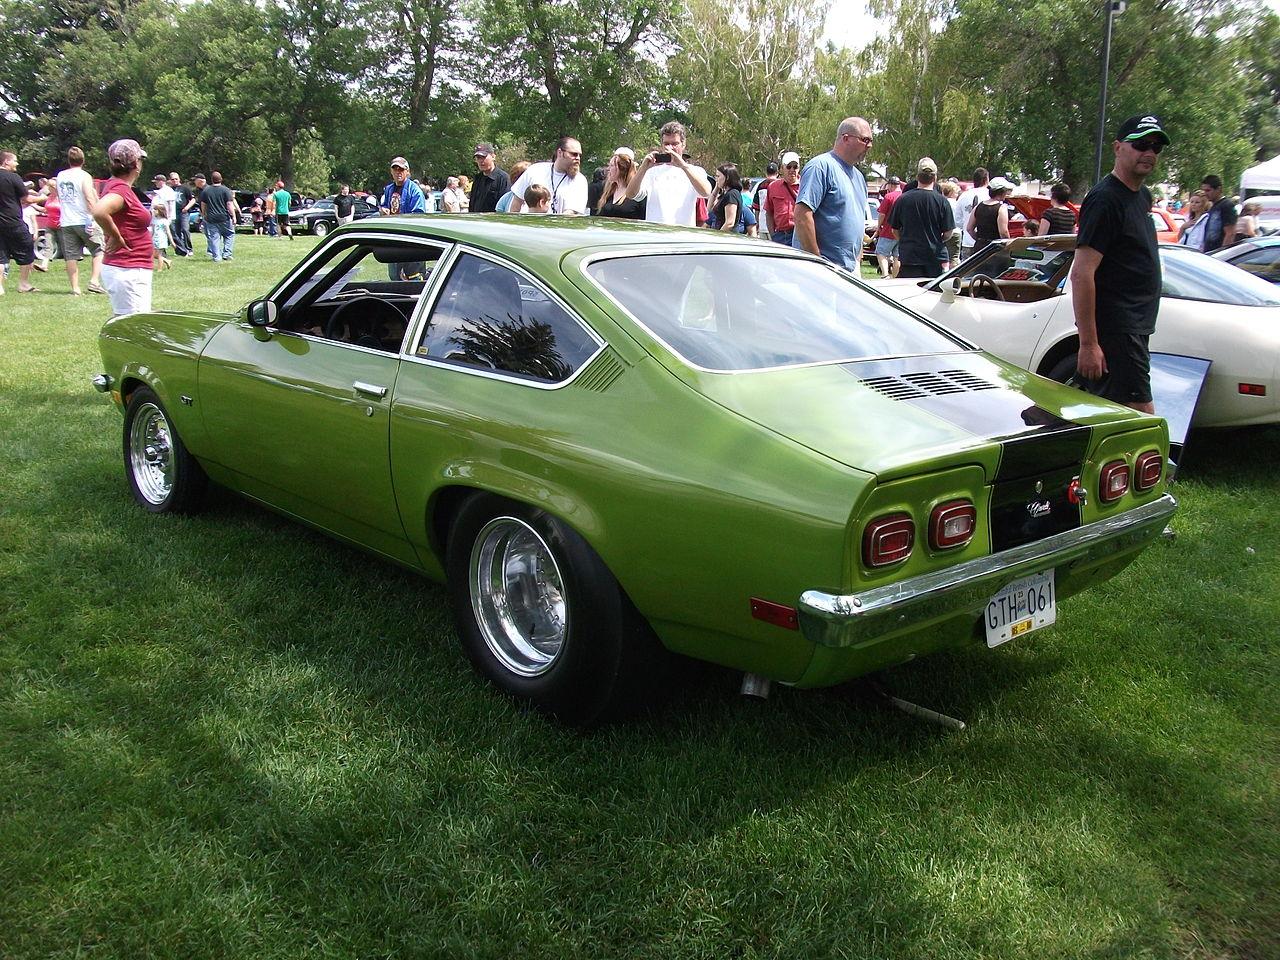 File:1972 Chevrolet Vega (4794332575).jpg - Wikimedia Commons